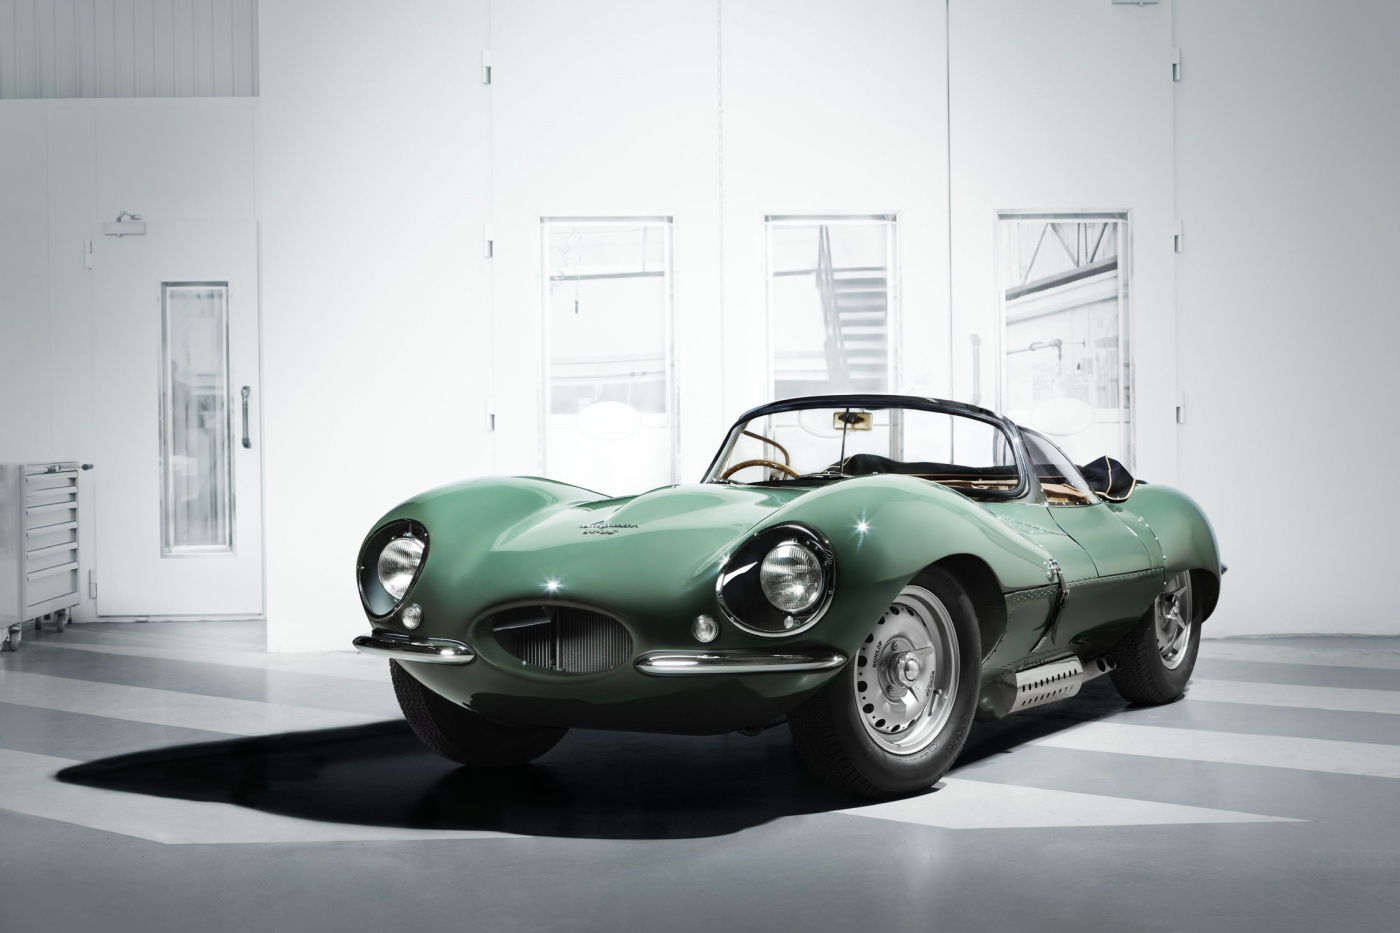 Jaguar a relancé une production en (toute) petite série de sa fameuse XK SS : 9 exemplaires, vendus 1 M£ chacun. Voilà de quoi remplacer les exemplaires perdus lors de l'incendie de l'usine en 1957.